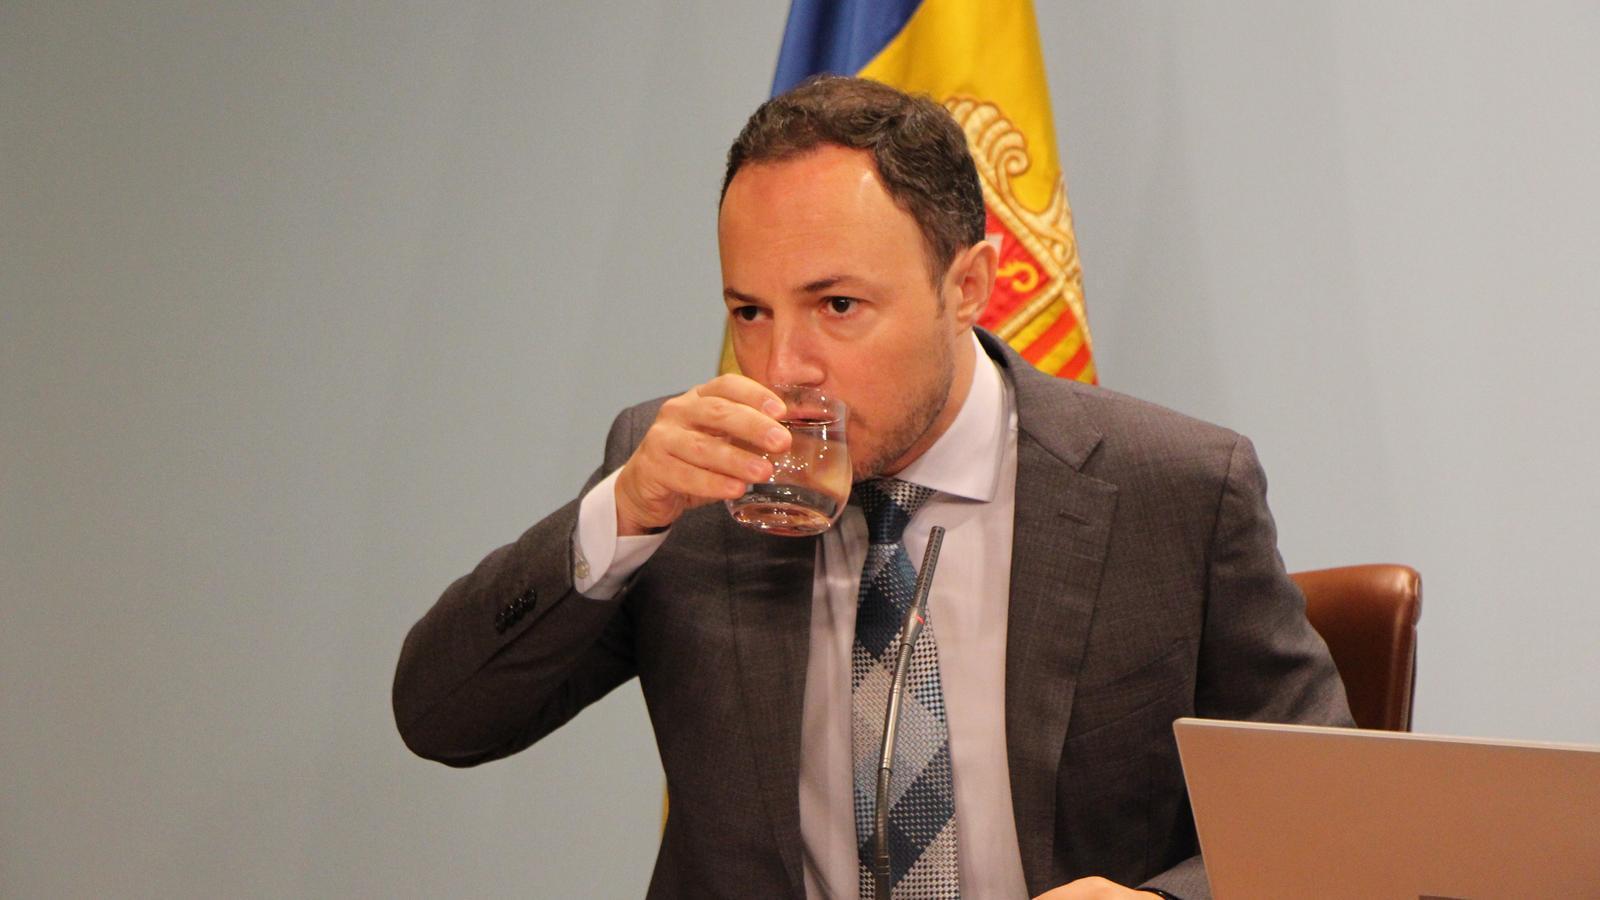 El ministre d'Afers Socials, Justícia i Interior, Xavier Espot, durant la roda de premsa d'aquest dilluns per presentar les dues lleis relacionades amb els menors. / C. G. (ANA)